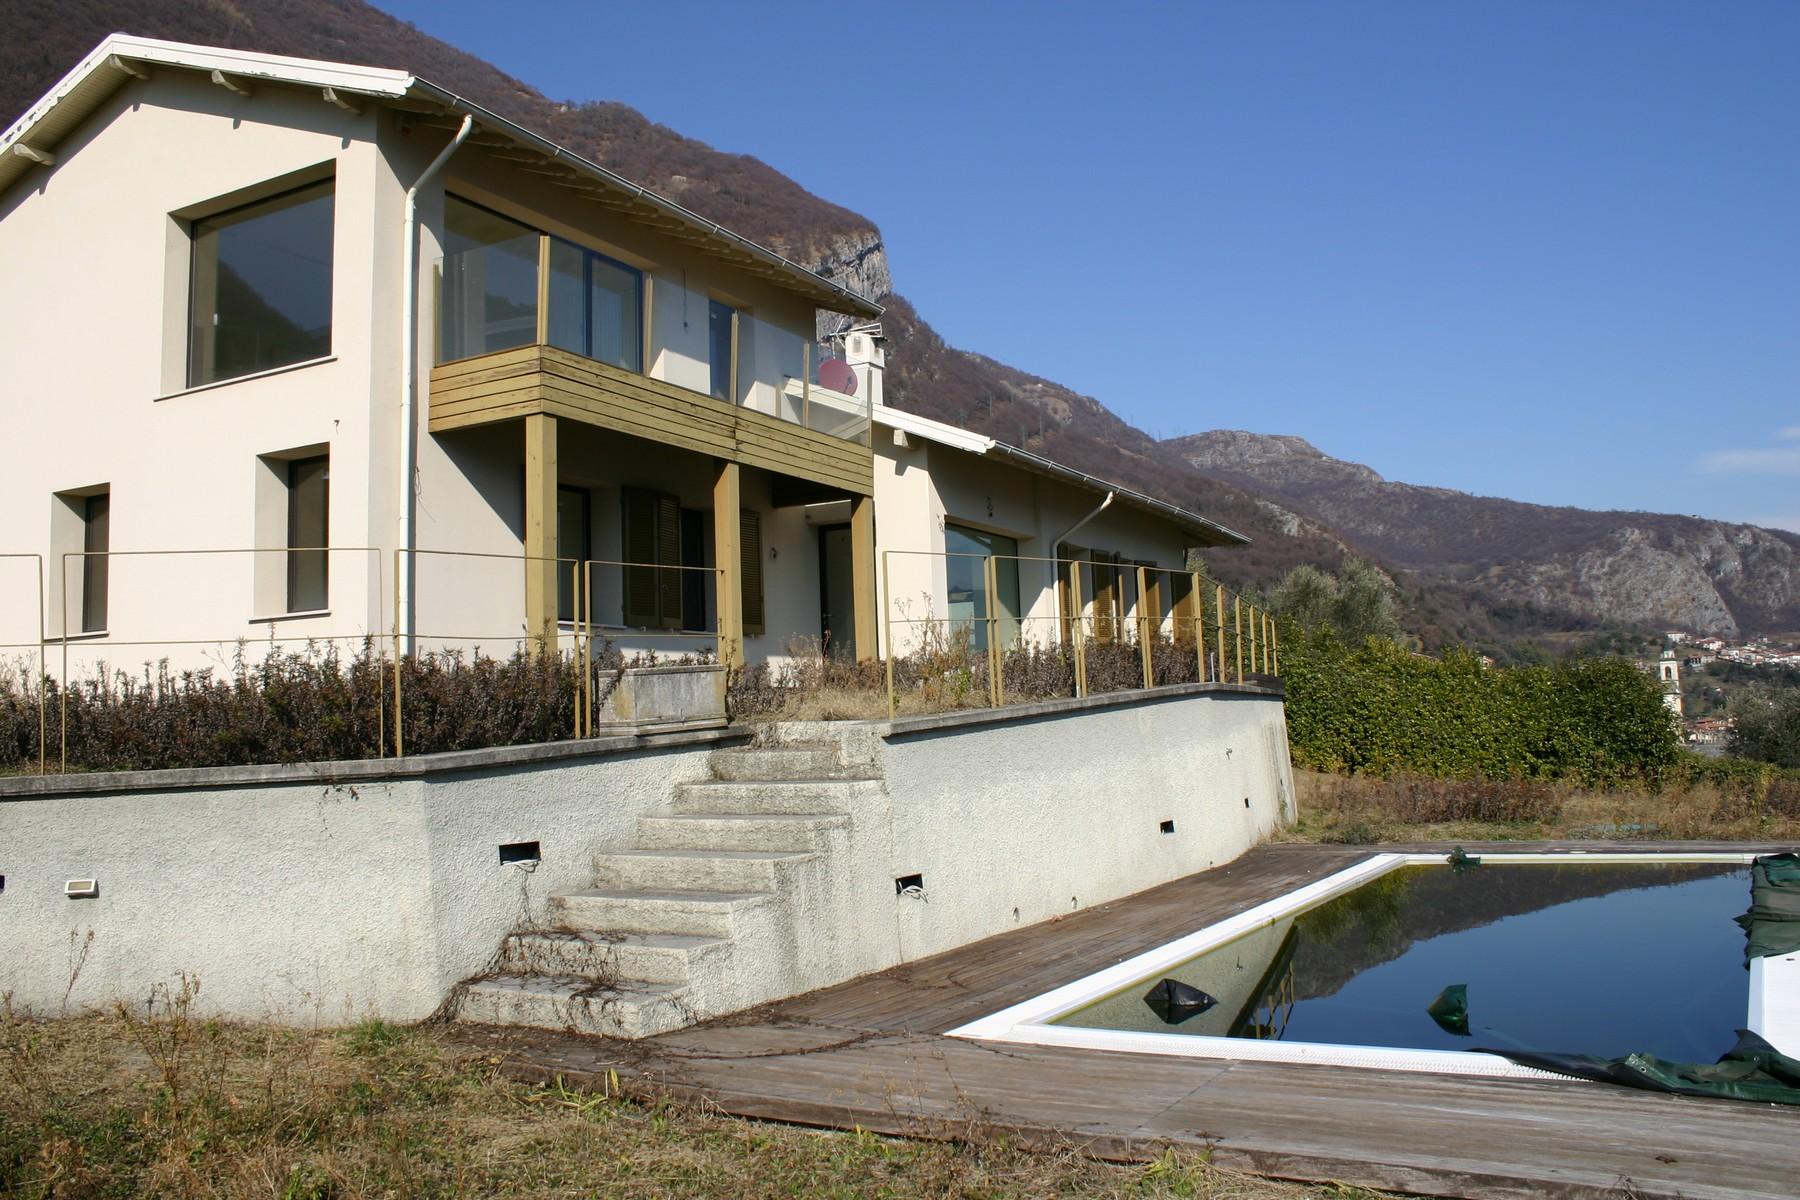 Villa in Vendita a Mezzegra: 5 locali, 240 mq - Foto 1